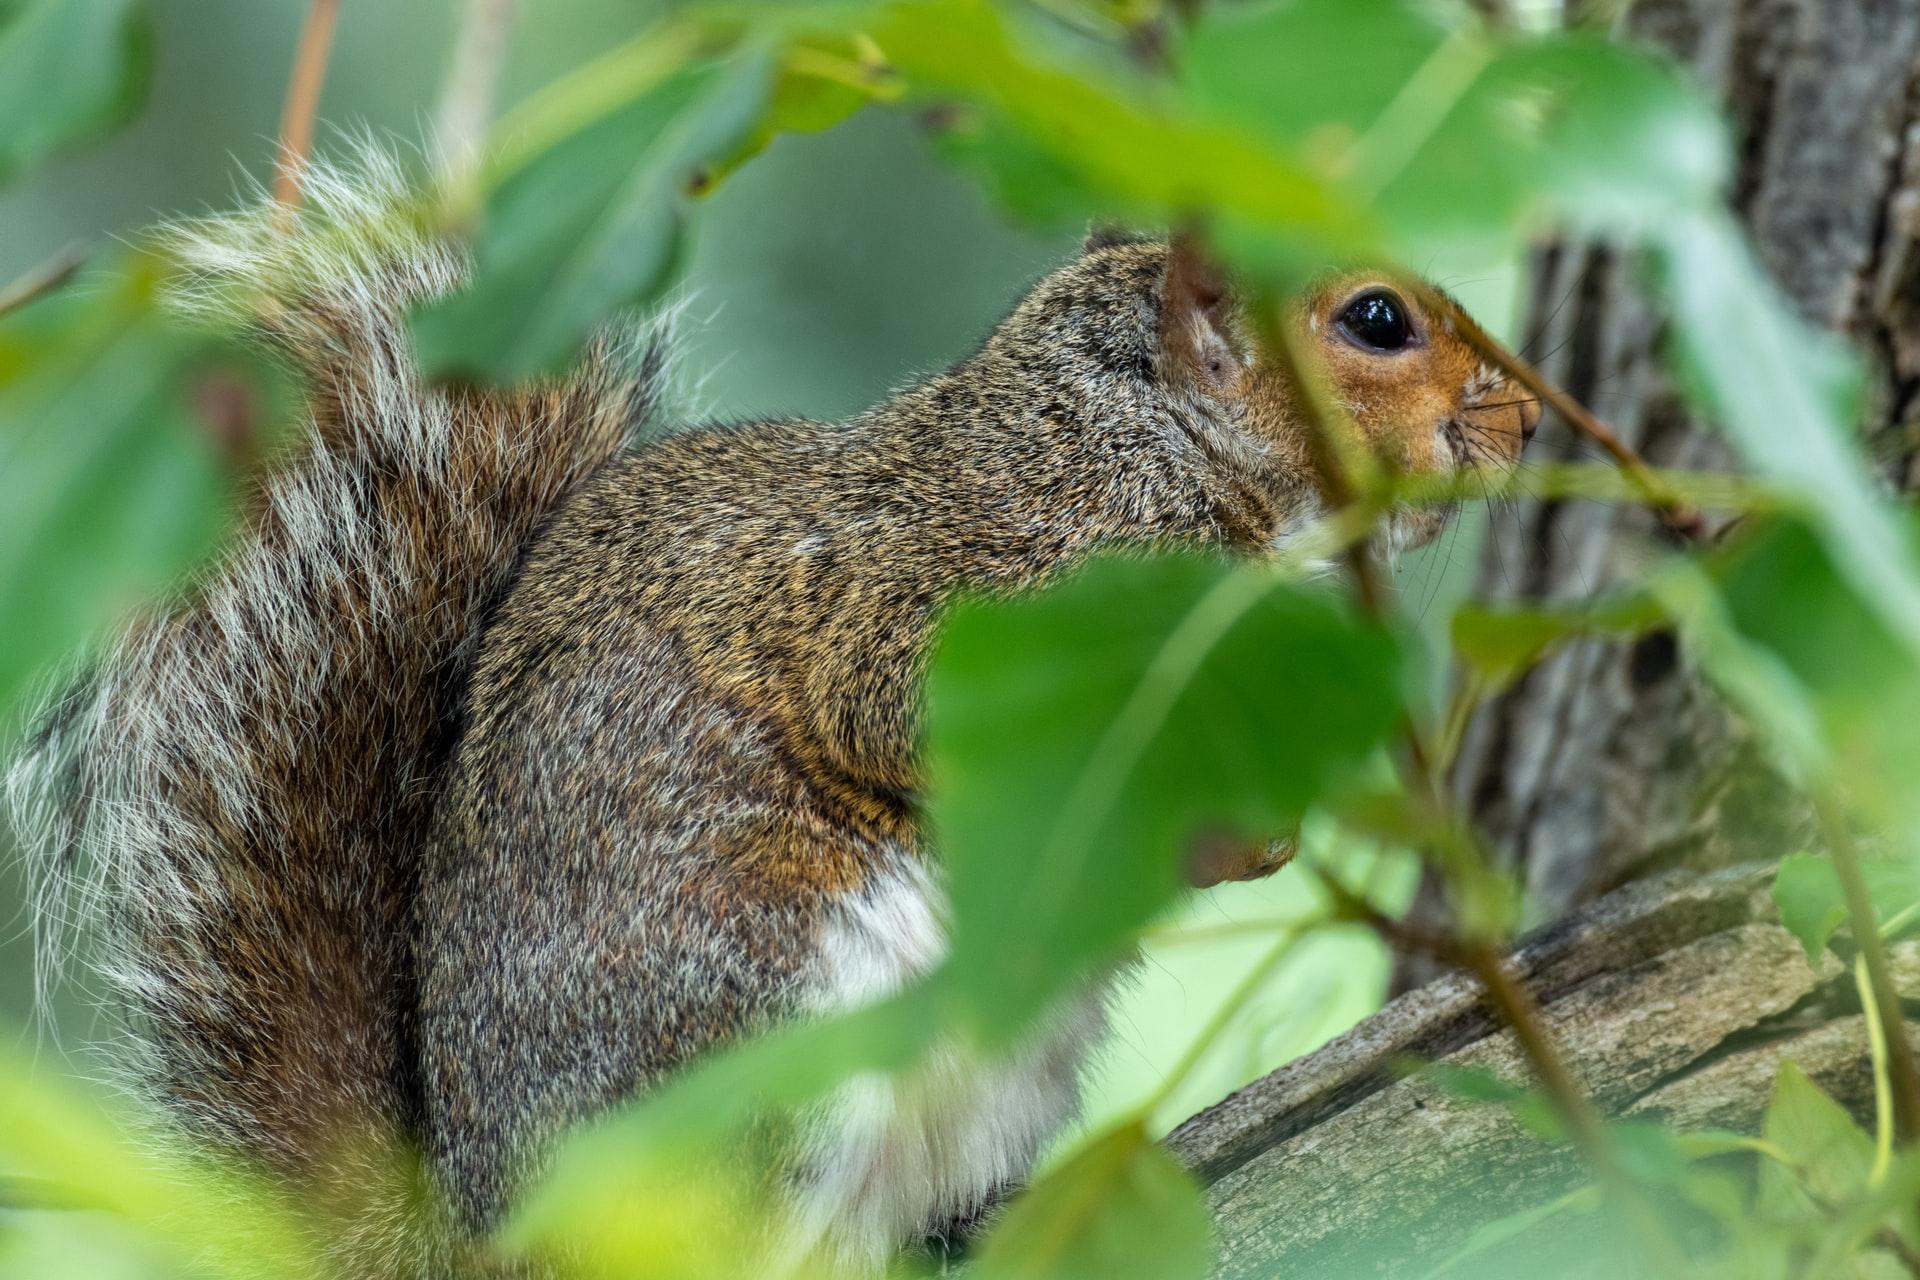 Squirrel Taste